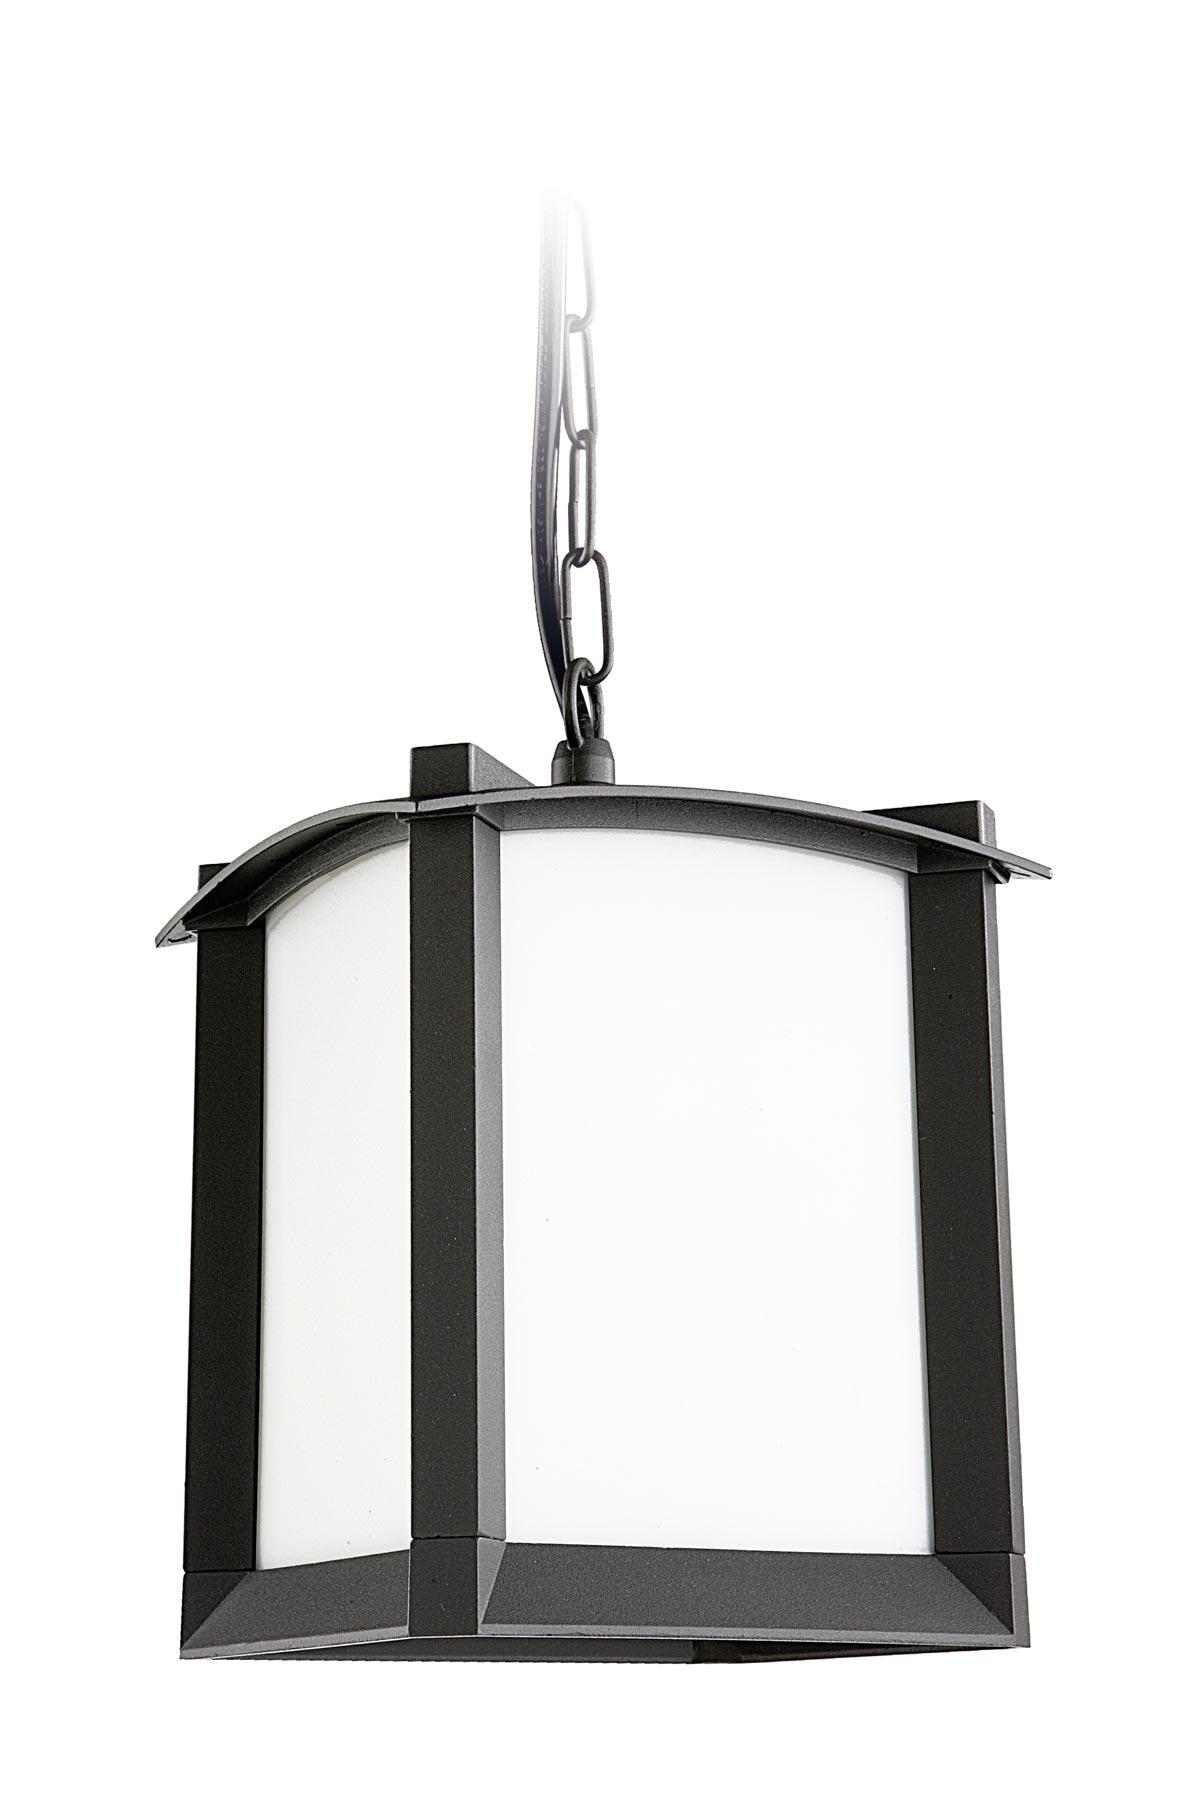 Mark lanterne d 39 ext rieur design fer forg leds c4 r f for Suspension luminaire exterieur design